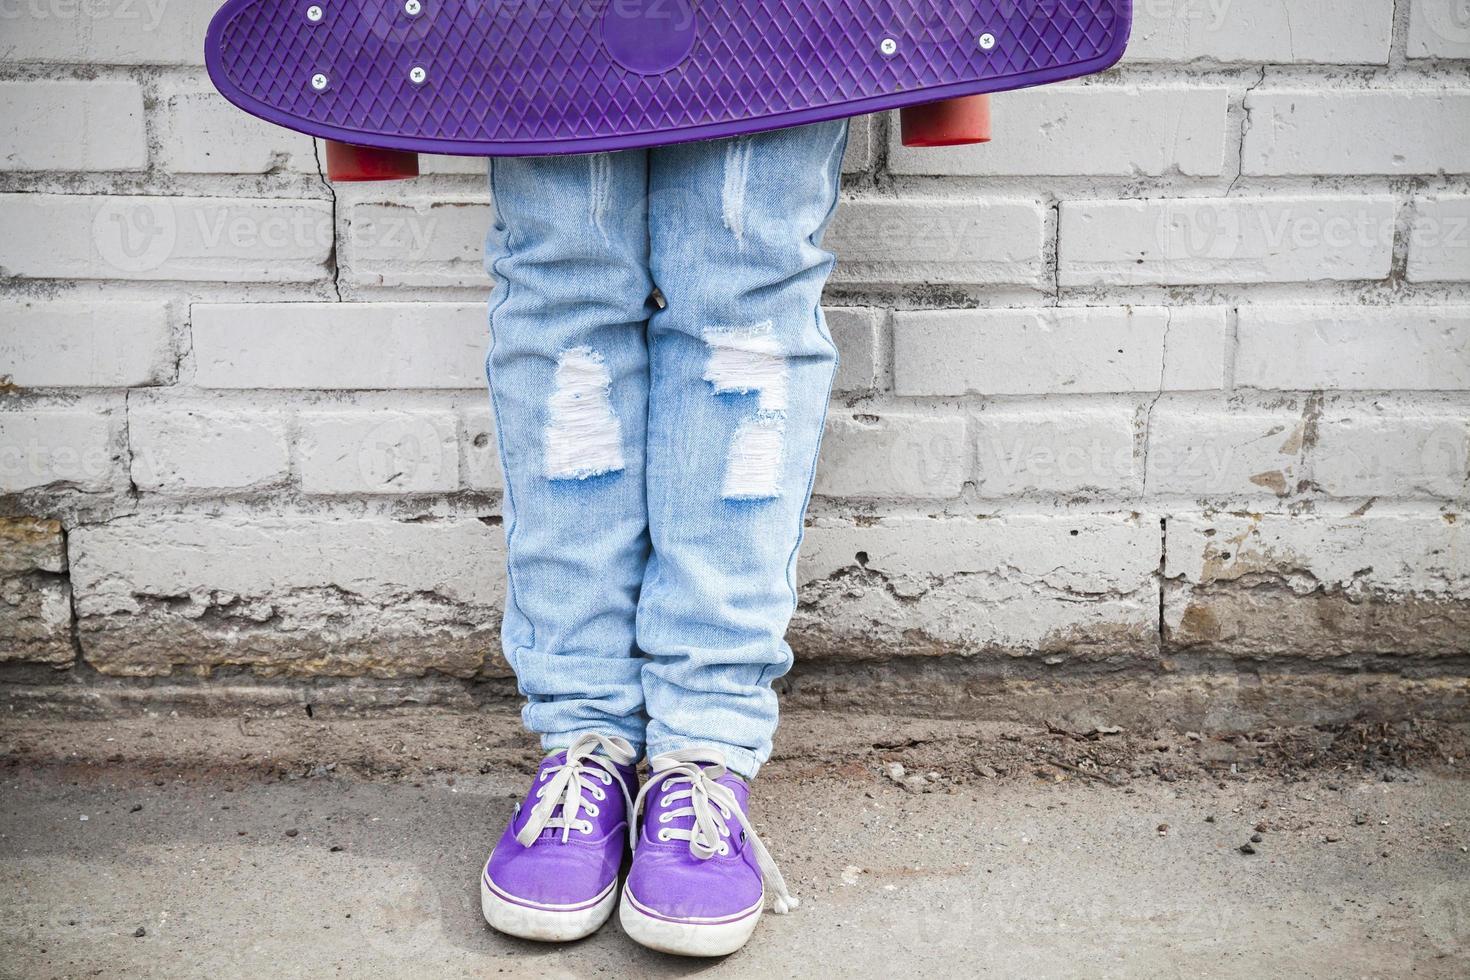 tonåring fot i jeans med skateboard foto